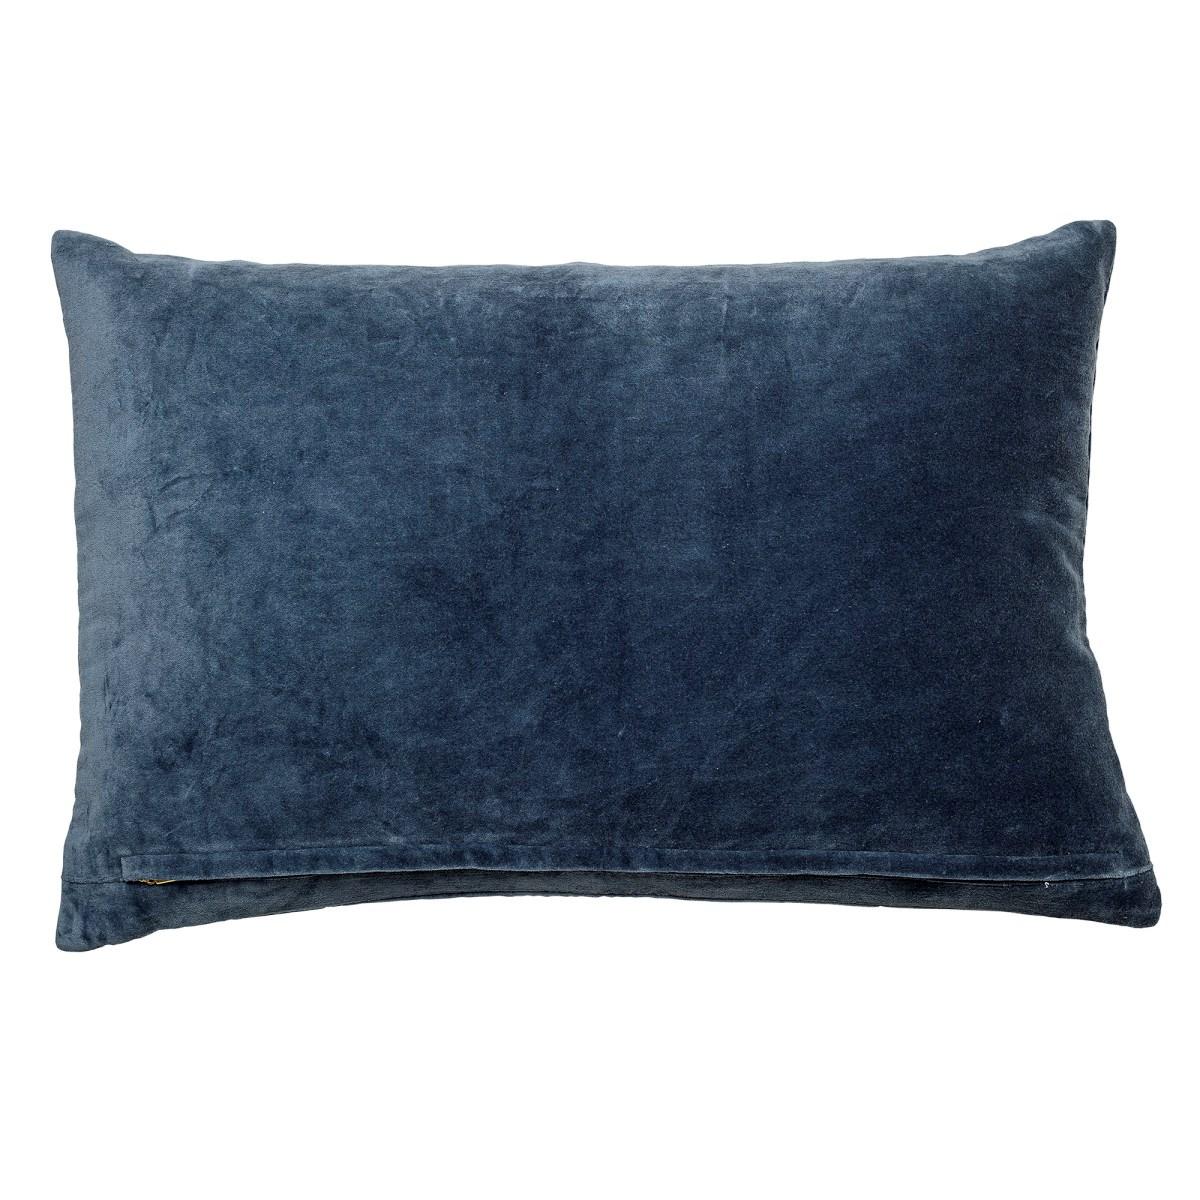 Polštář včetně výplně, 60x40 cm - modrý_0